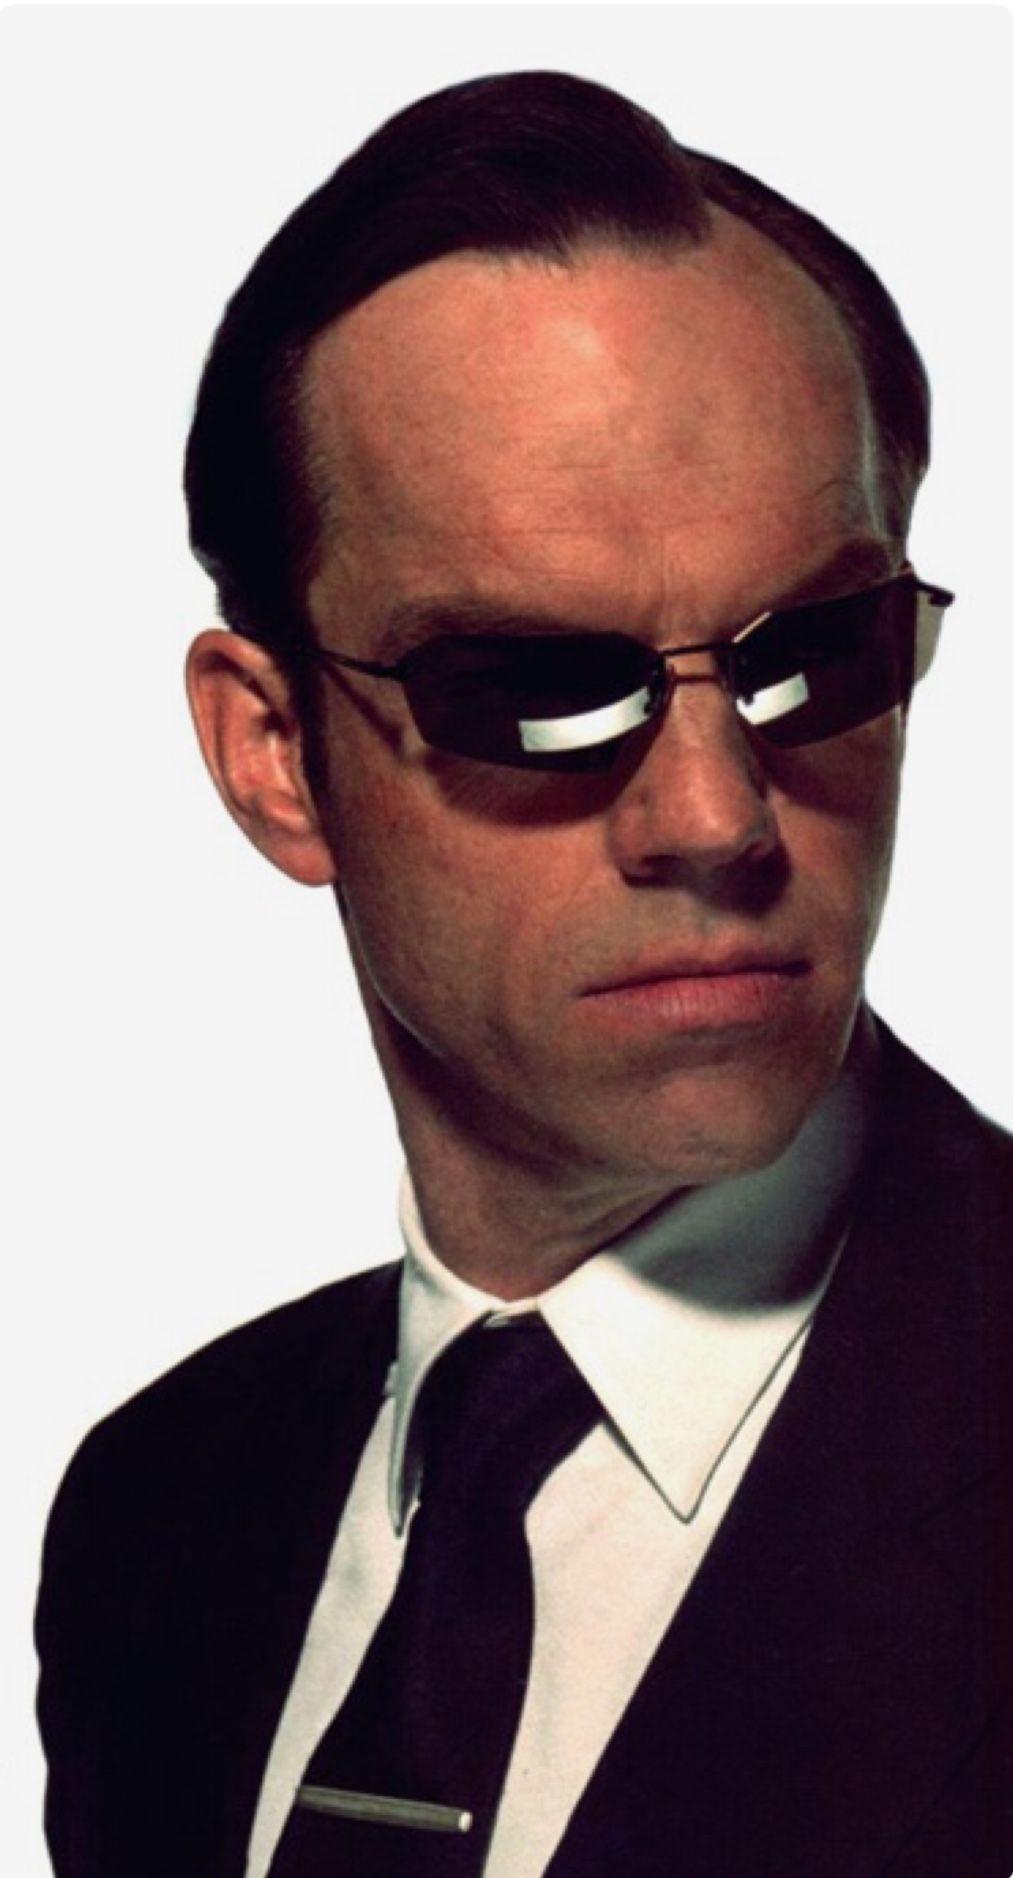 Обои the matrix, очки, матрица, hugo weaving, agent smith. Фильмы foto 16